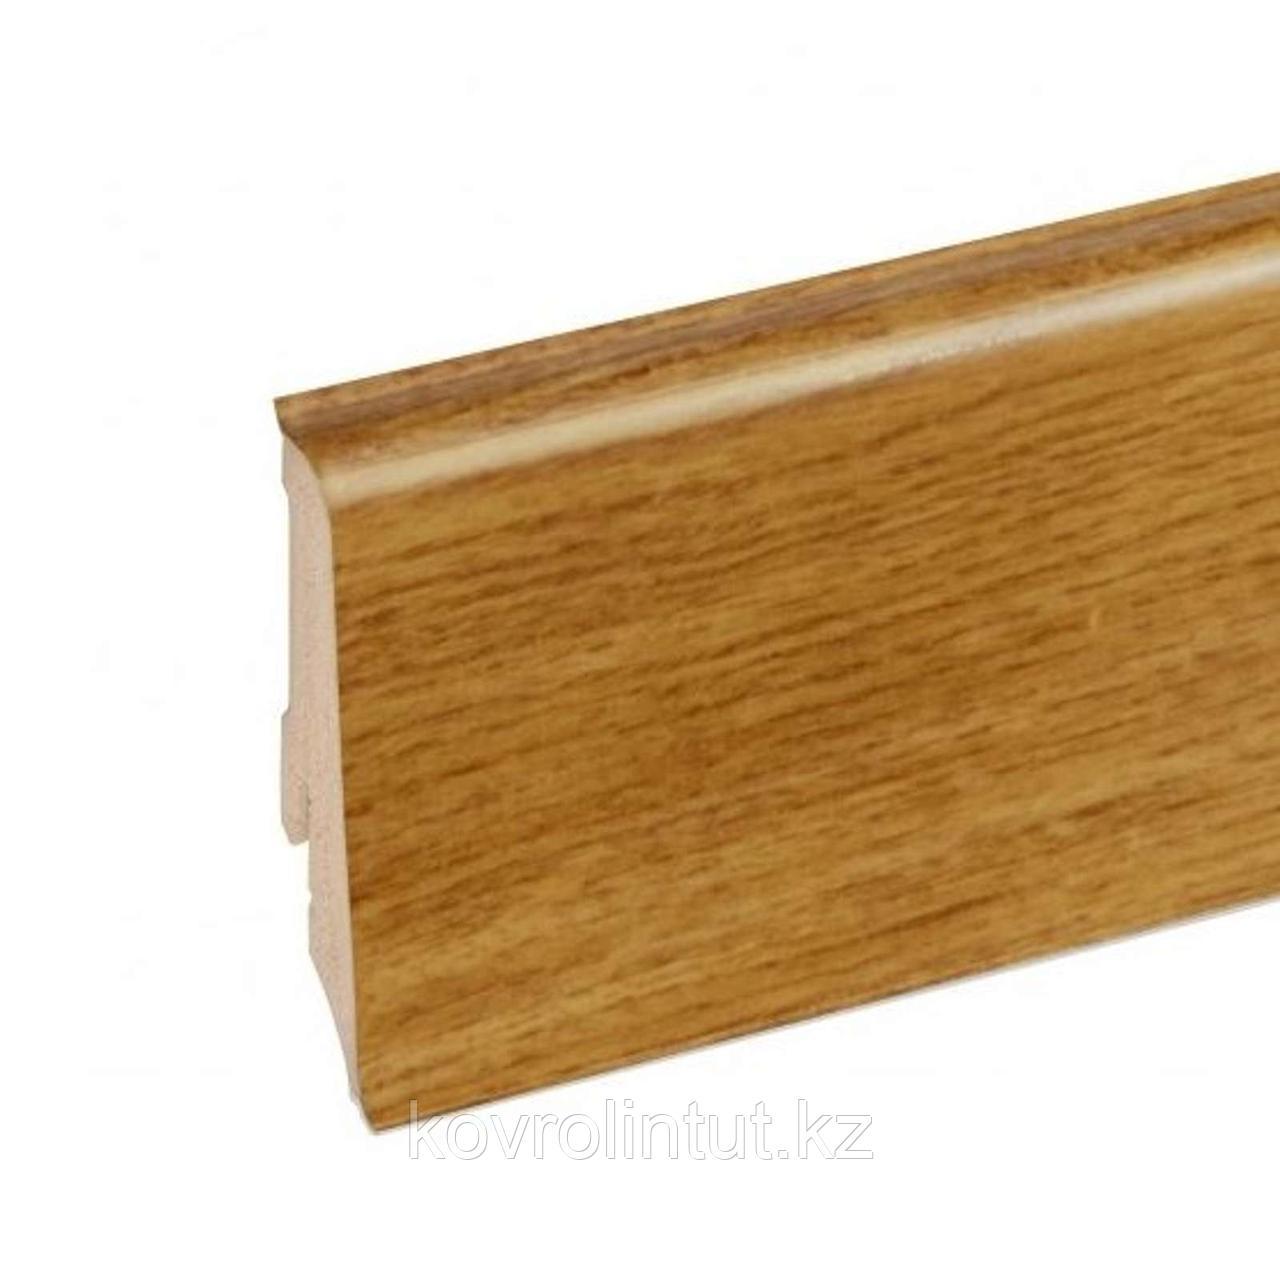 Плинтус композитный для LVT Neuhofer Holz, K0210L, 714456, 2400х59х17 мм